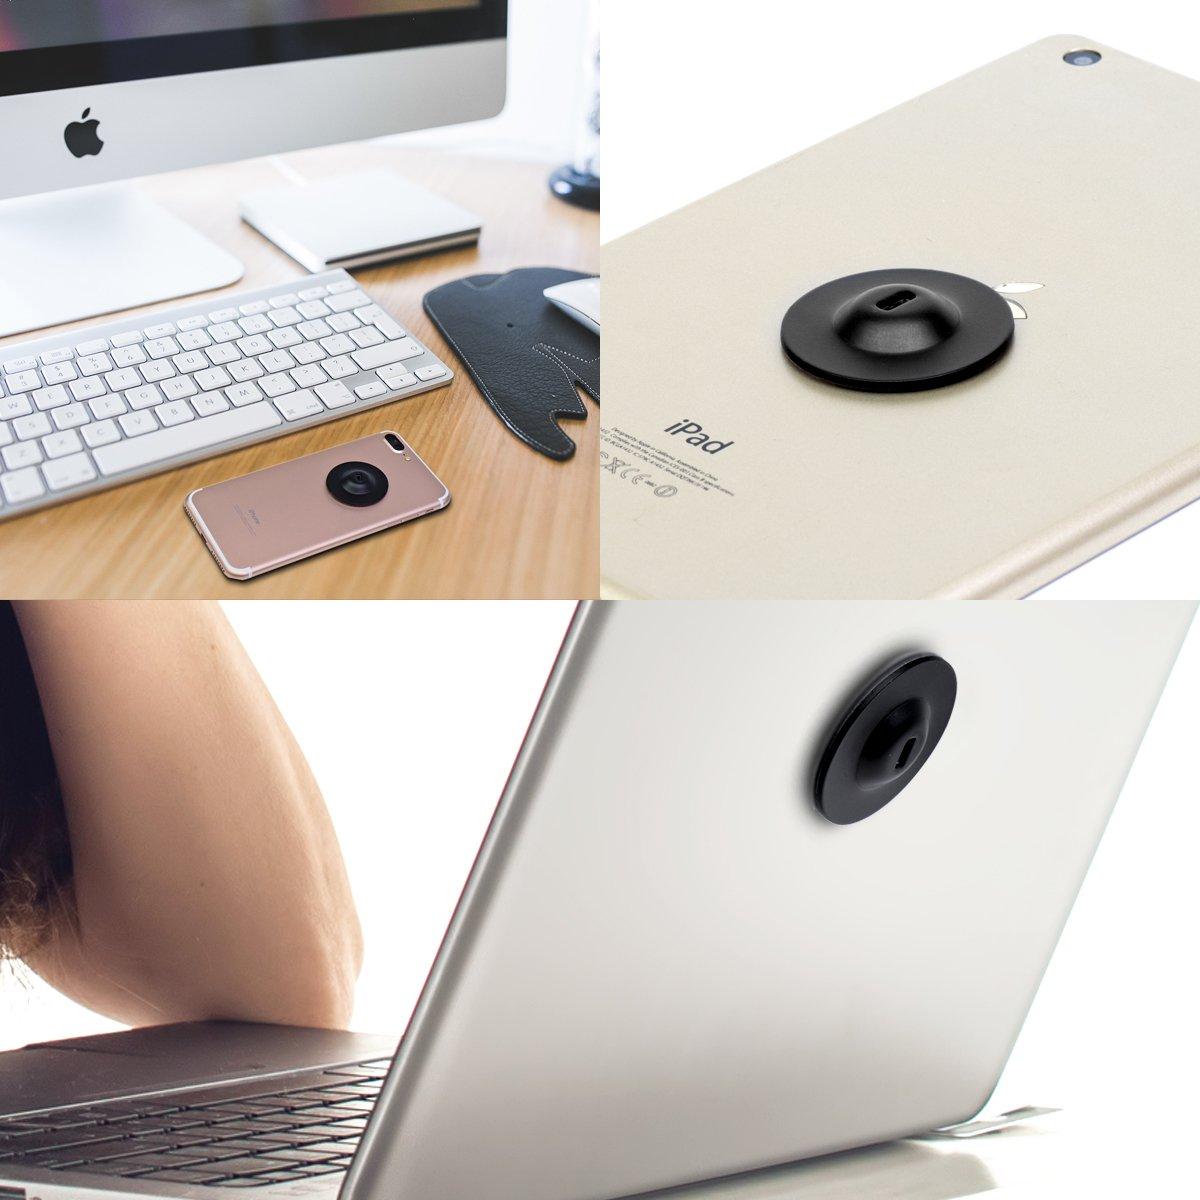 dautres /électroniques 4 Noir iPhone Smart Phone I3C Plaque dancrage Adh/ésif de s/écurit/é Verrou Universel pour Loptop Lock c/âble antivol Tablette MacBook Pad iPad